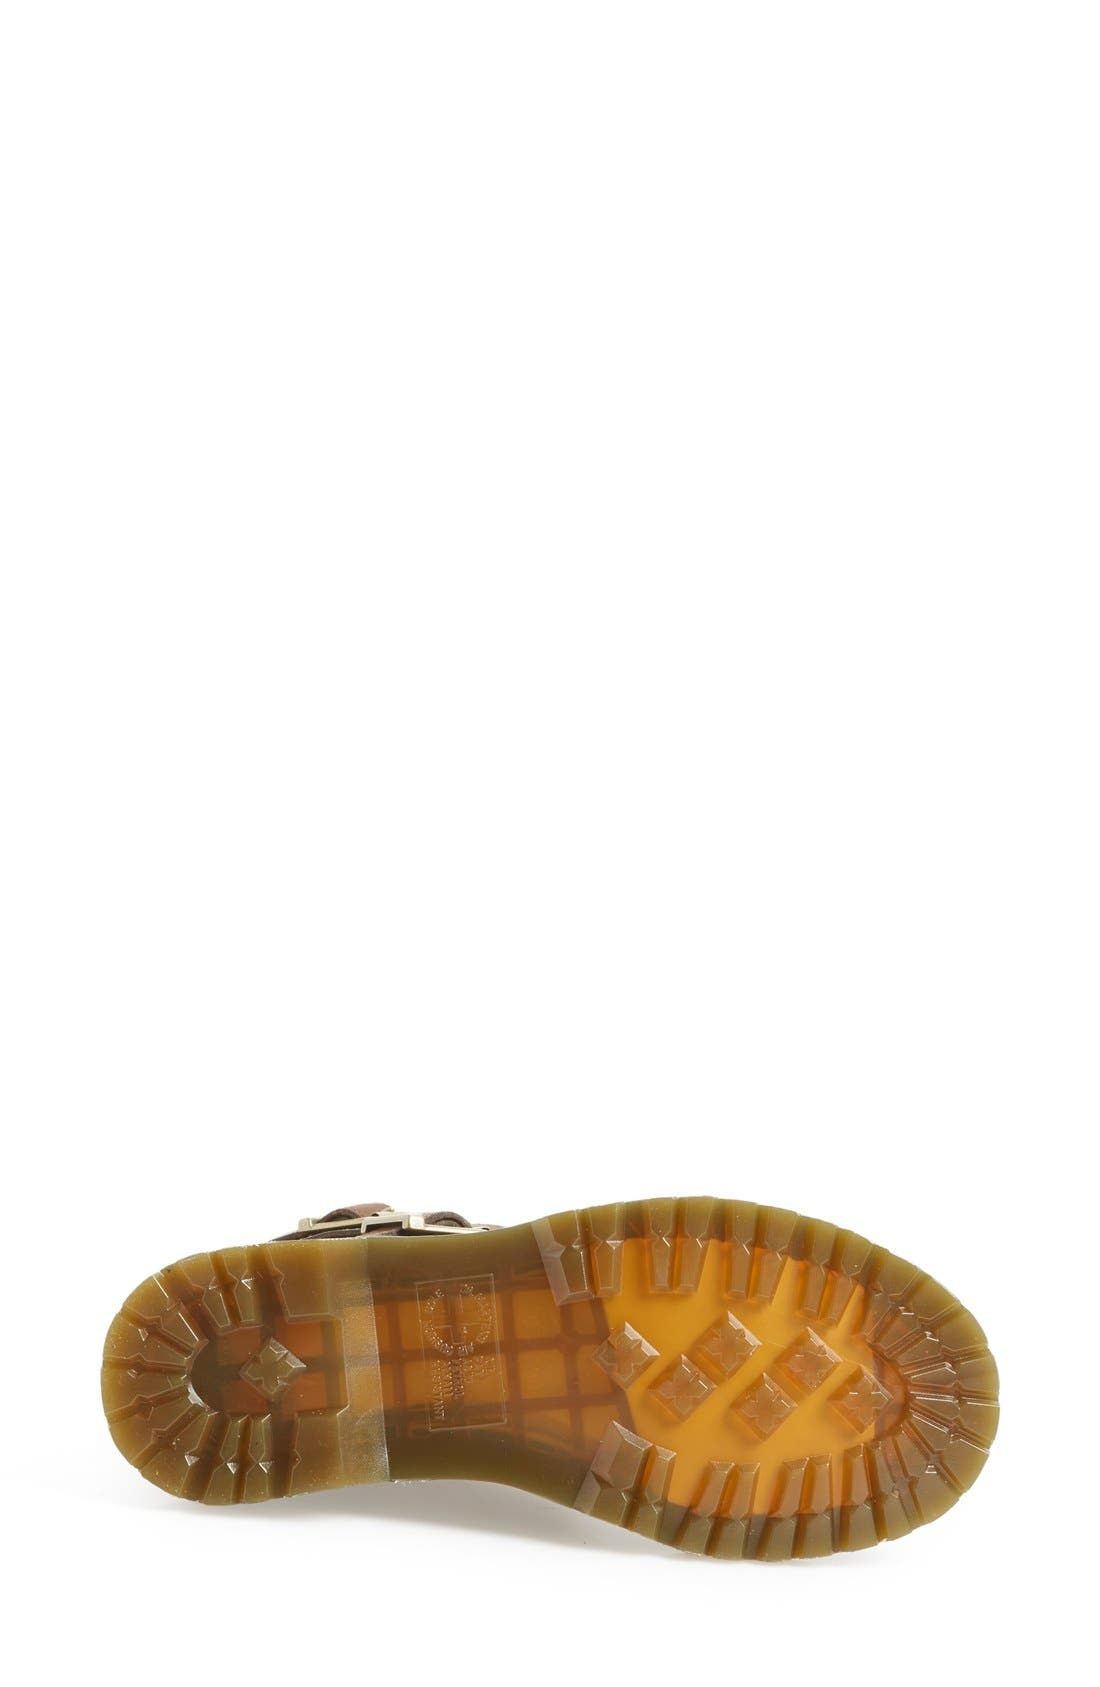 Alternate Image 3  - Dr. Martens 'Lauren' Lug Military Boot (Women)